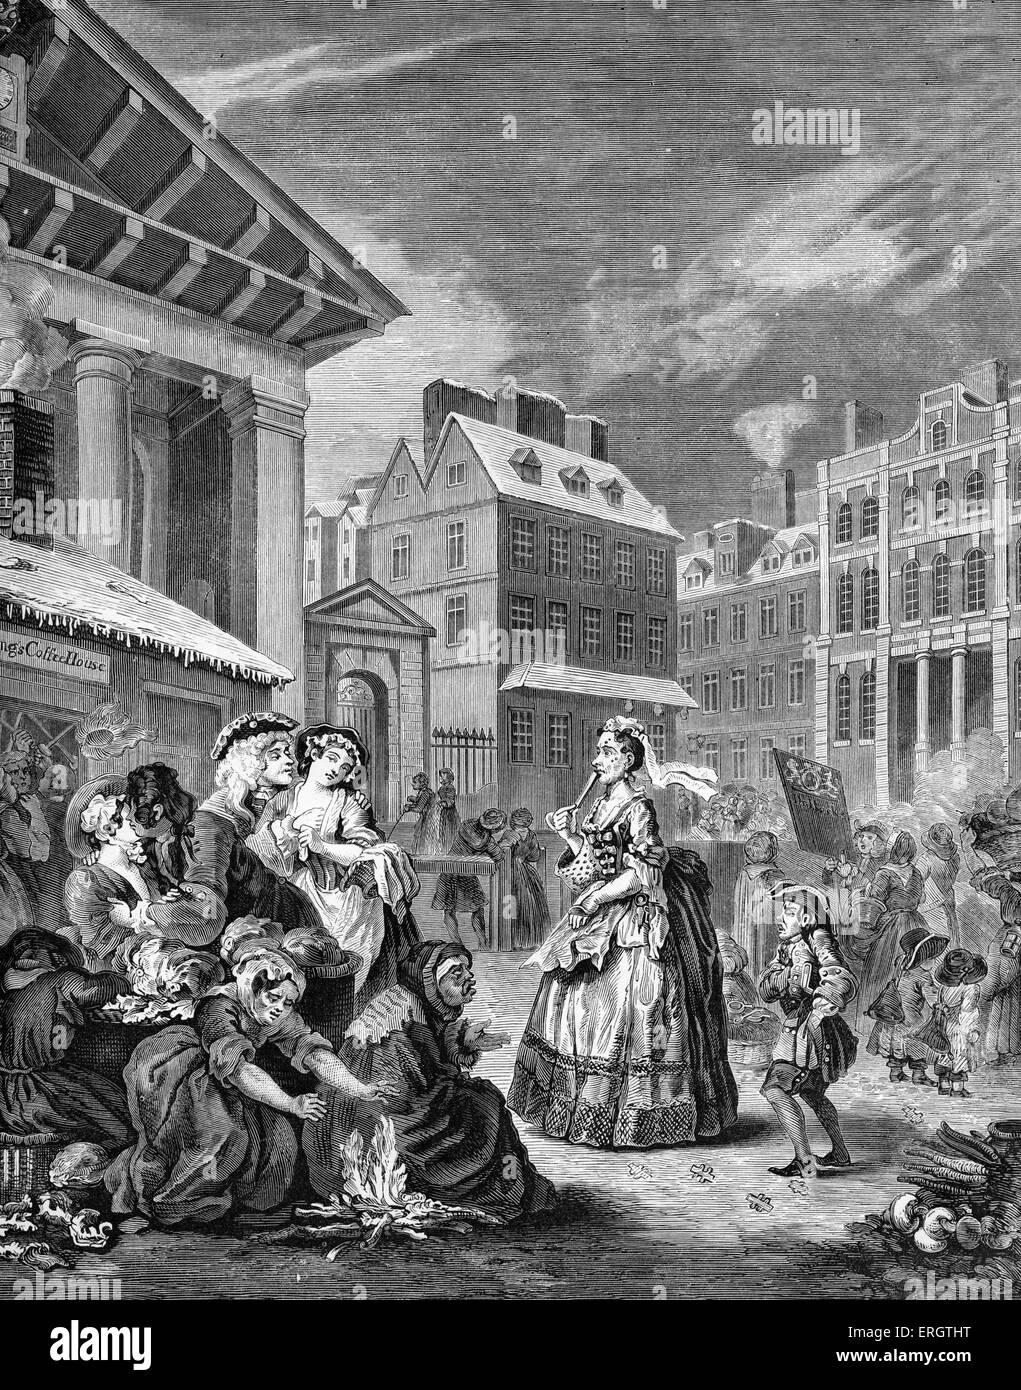 Matin - rues de Londres - gravure par William Hogarth, peintre français et artiste 10 novembre 1697 -Le 26 octobre, Banque D'Images